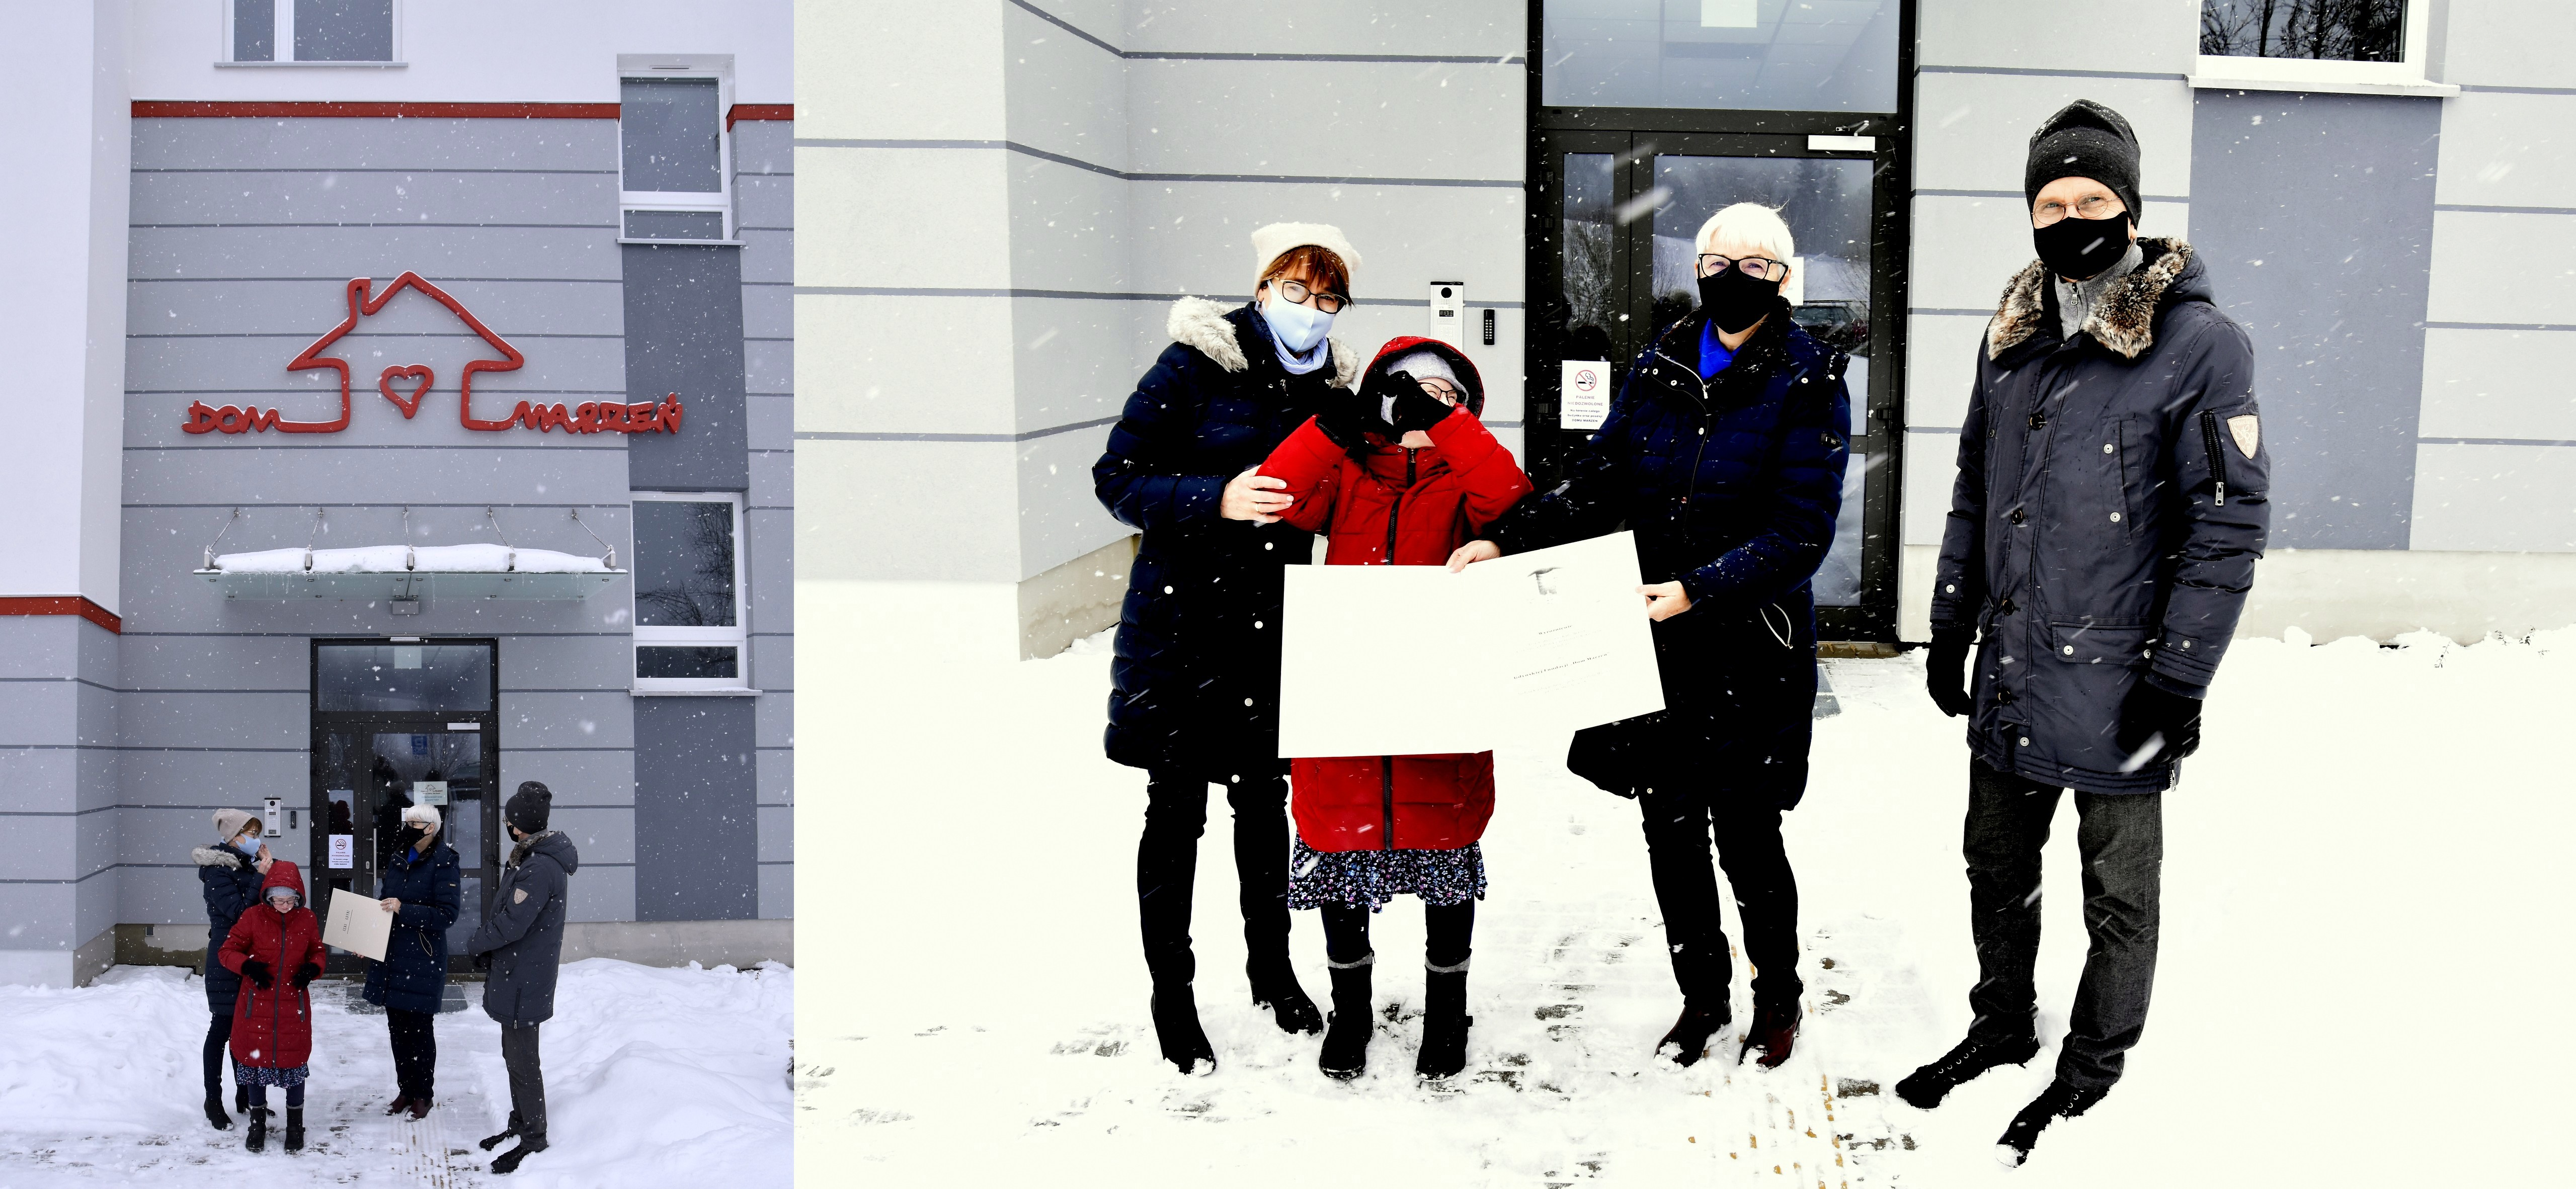 Nagrodę z rąk przewodniczącej Joanny Zielińskiej odebrali Katarzyna i Marek Karczewscy z córką Martą // fot. materiały Rady Miasta Gdyni